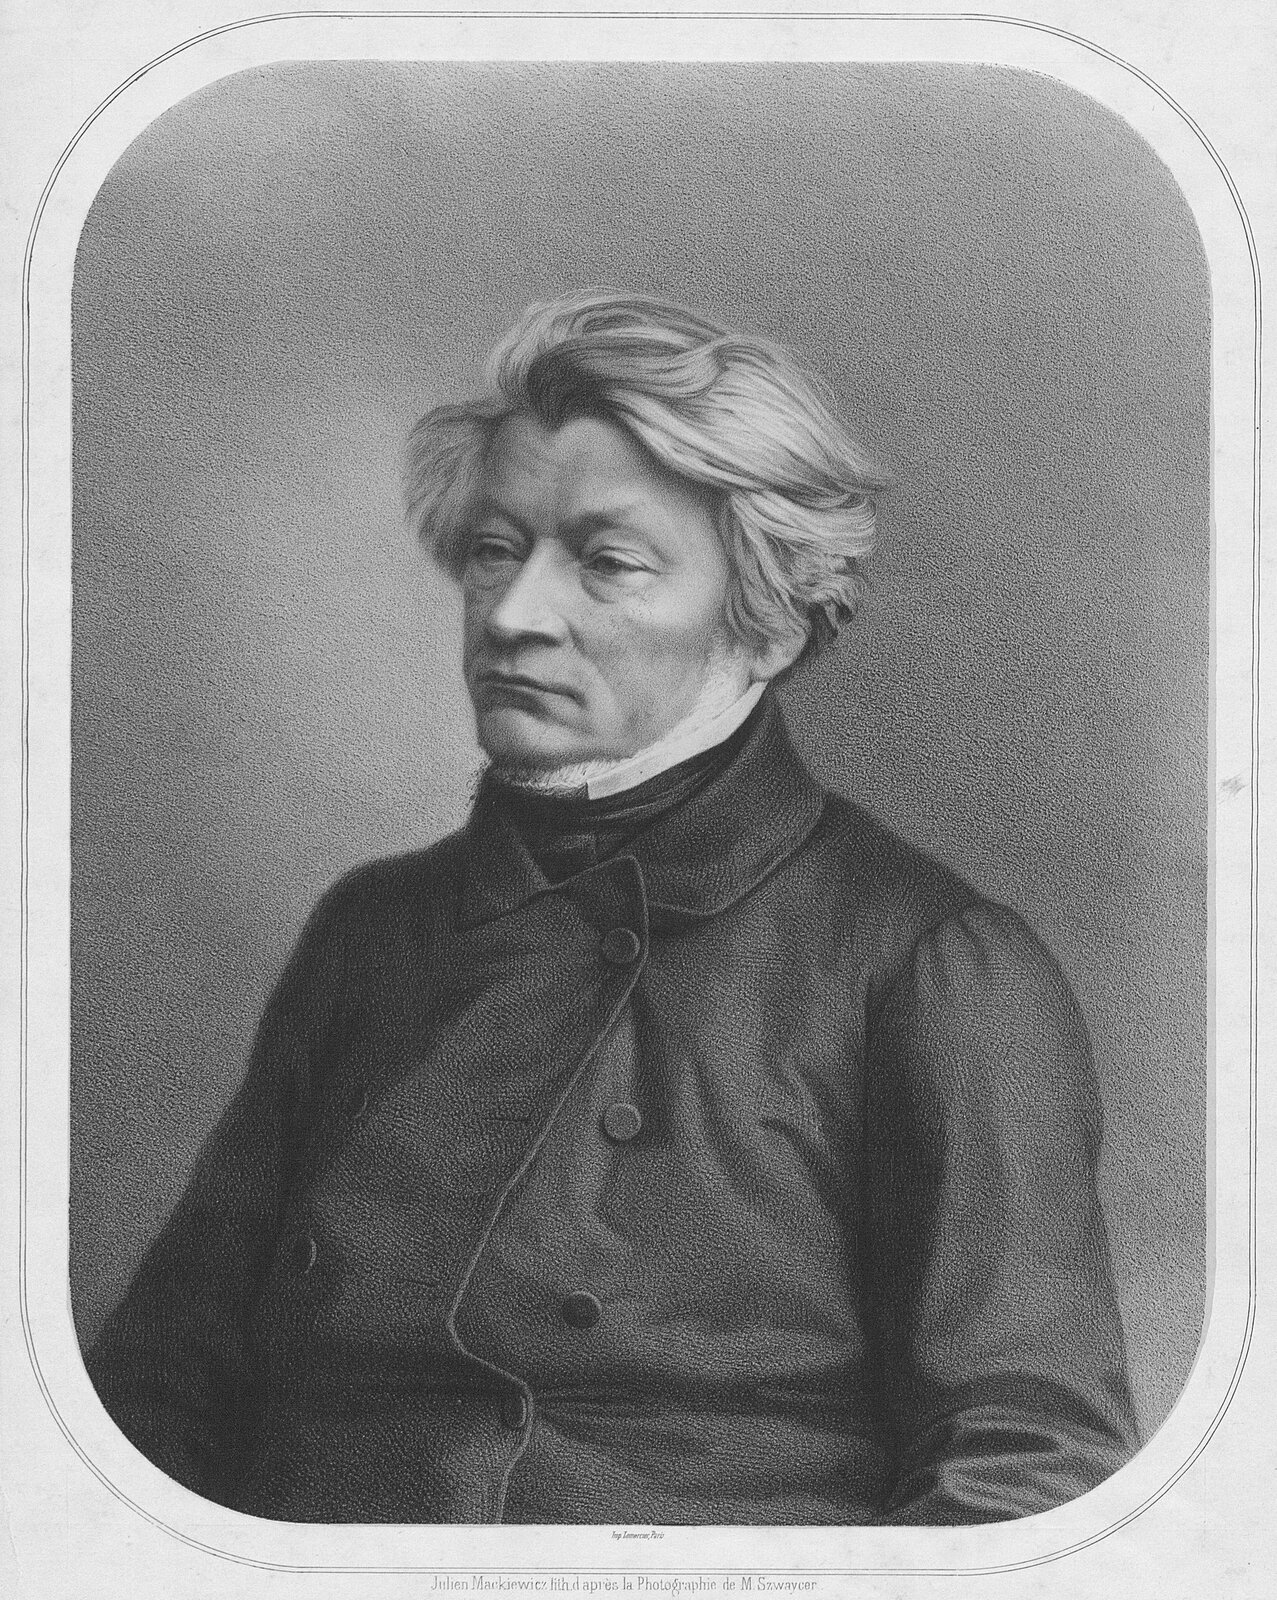 Portret Adama Mickiewicza Źródło: Julian Mackiewicz, Portret Adama Mickiewicza, ok. 1853, litografia, domena publiczna.